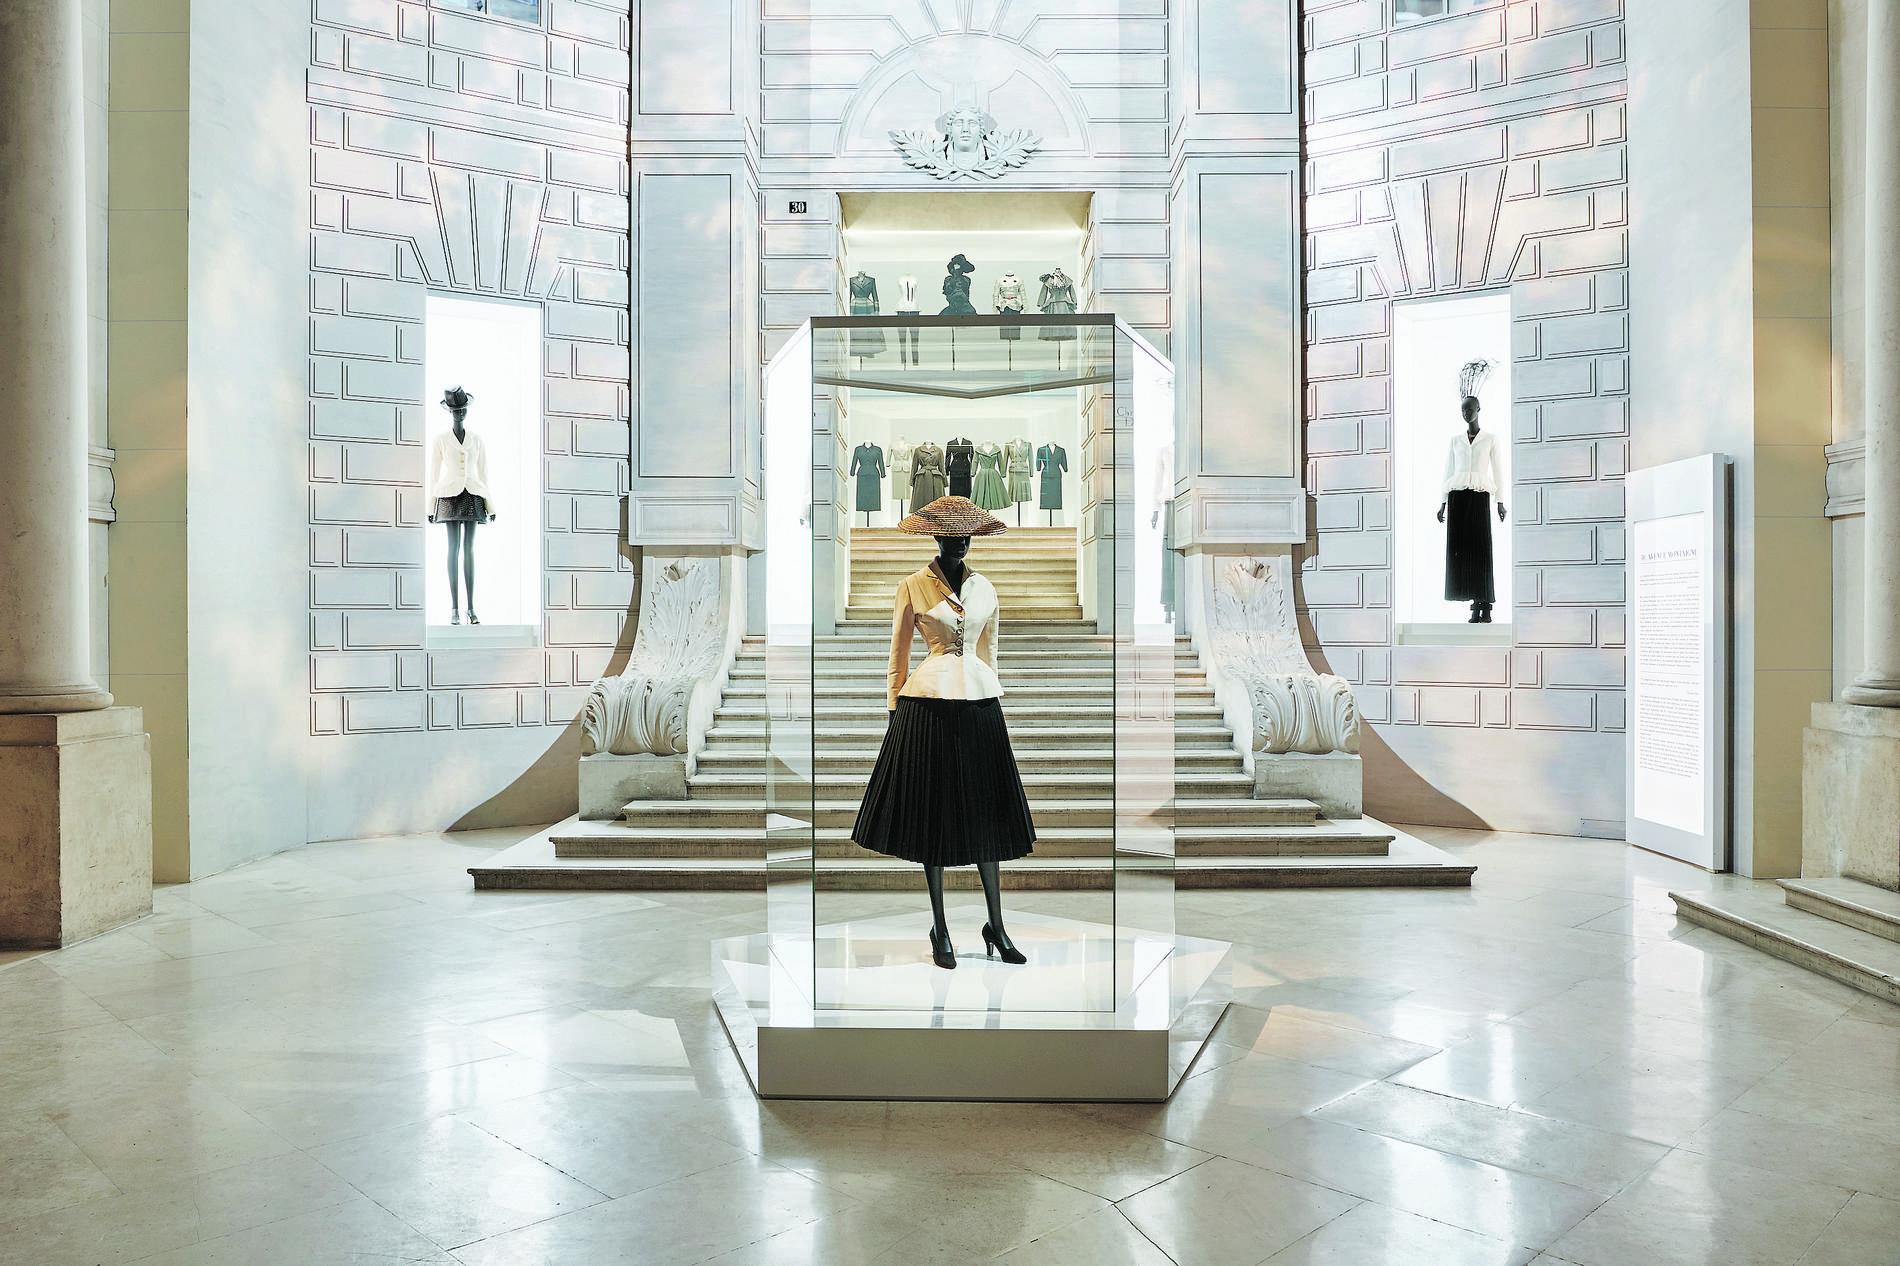 EstiloMarques_Exposicion-Dior-Museo-Artes-Decorativas-Paris-New-Look